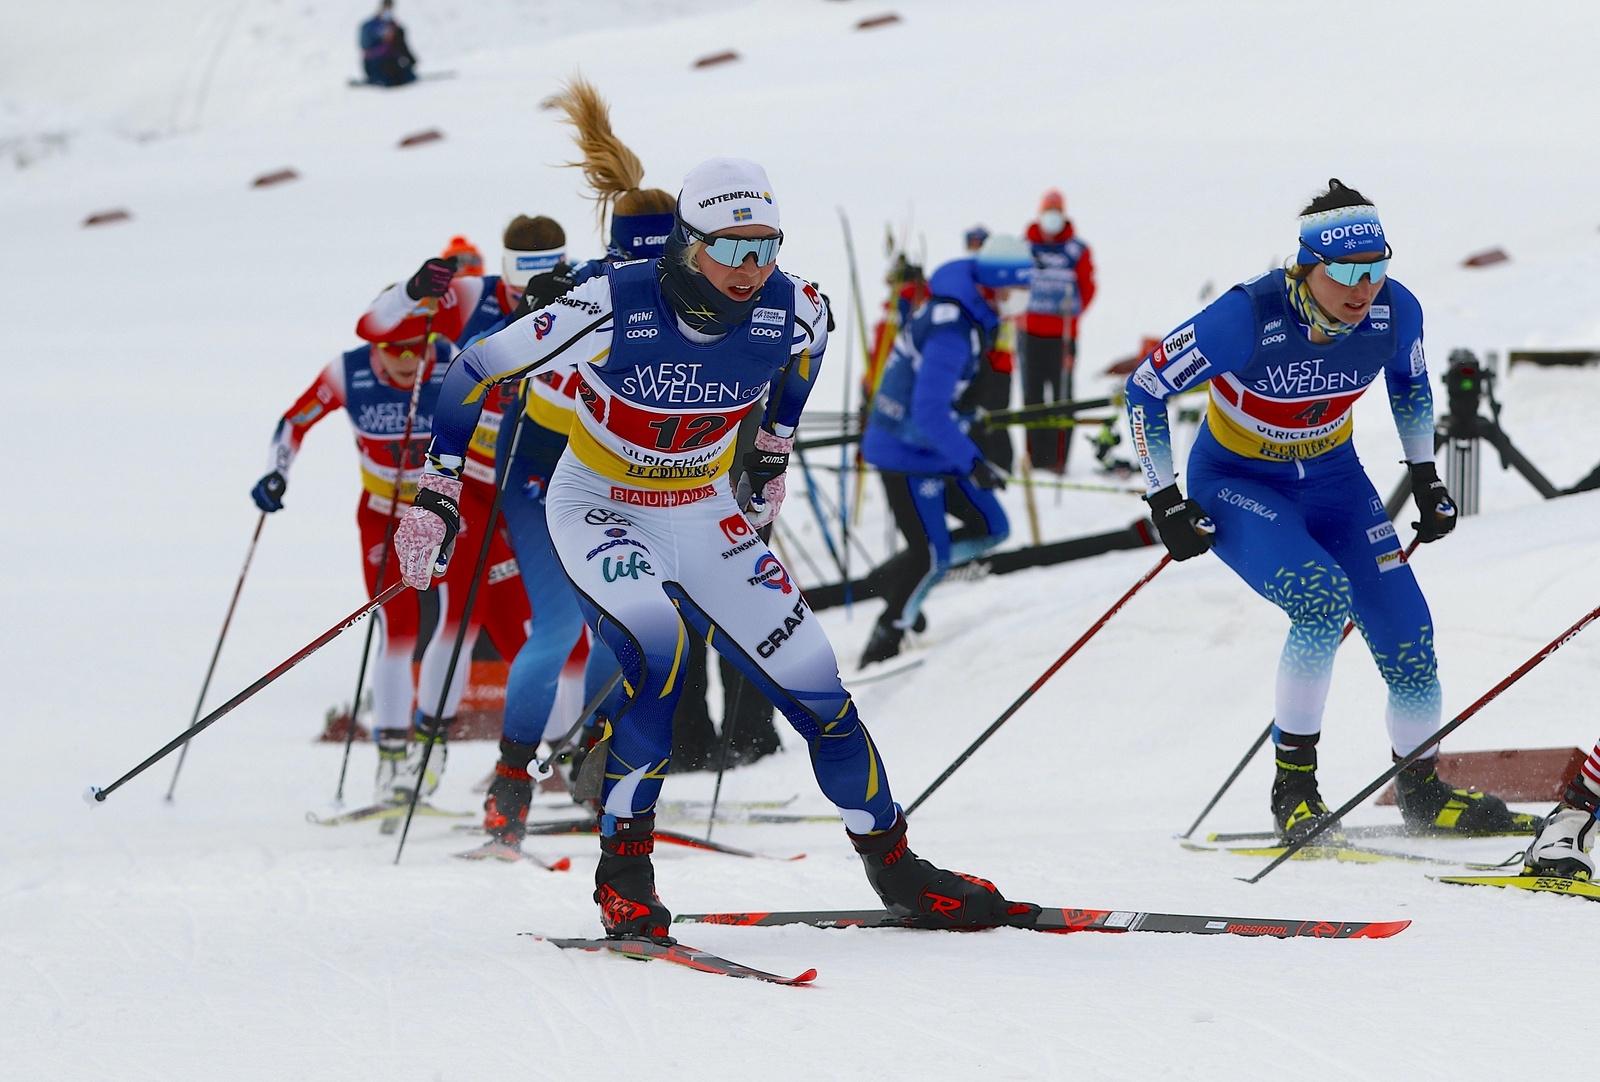 Världscupen i Ulricehamn 2021TeamsprintJonna Sundling